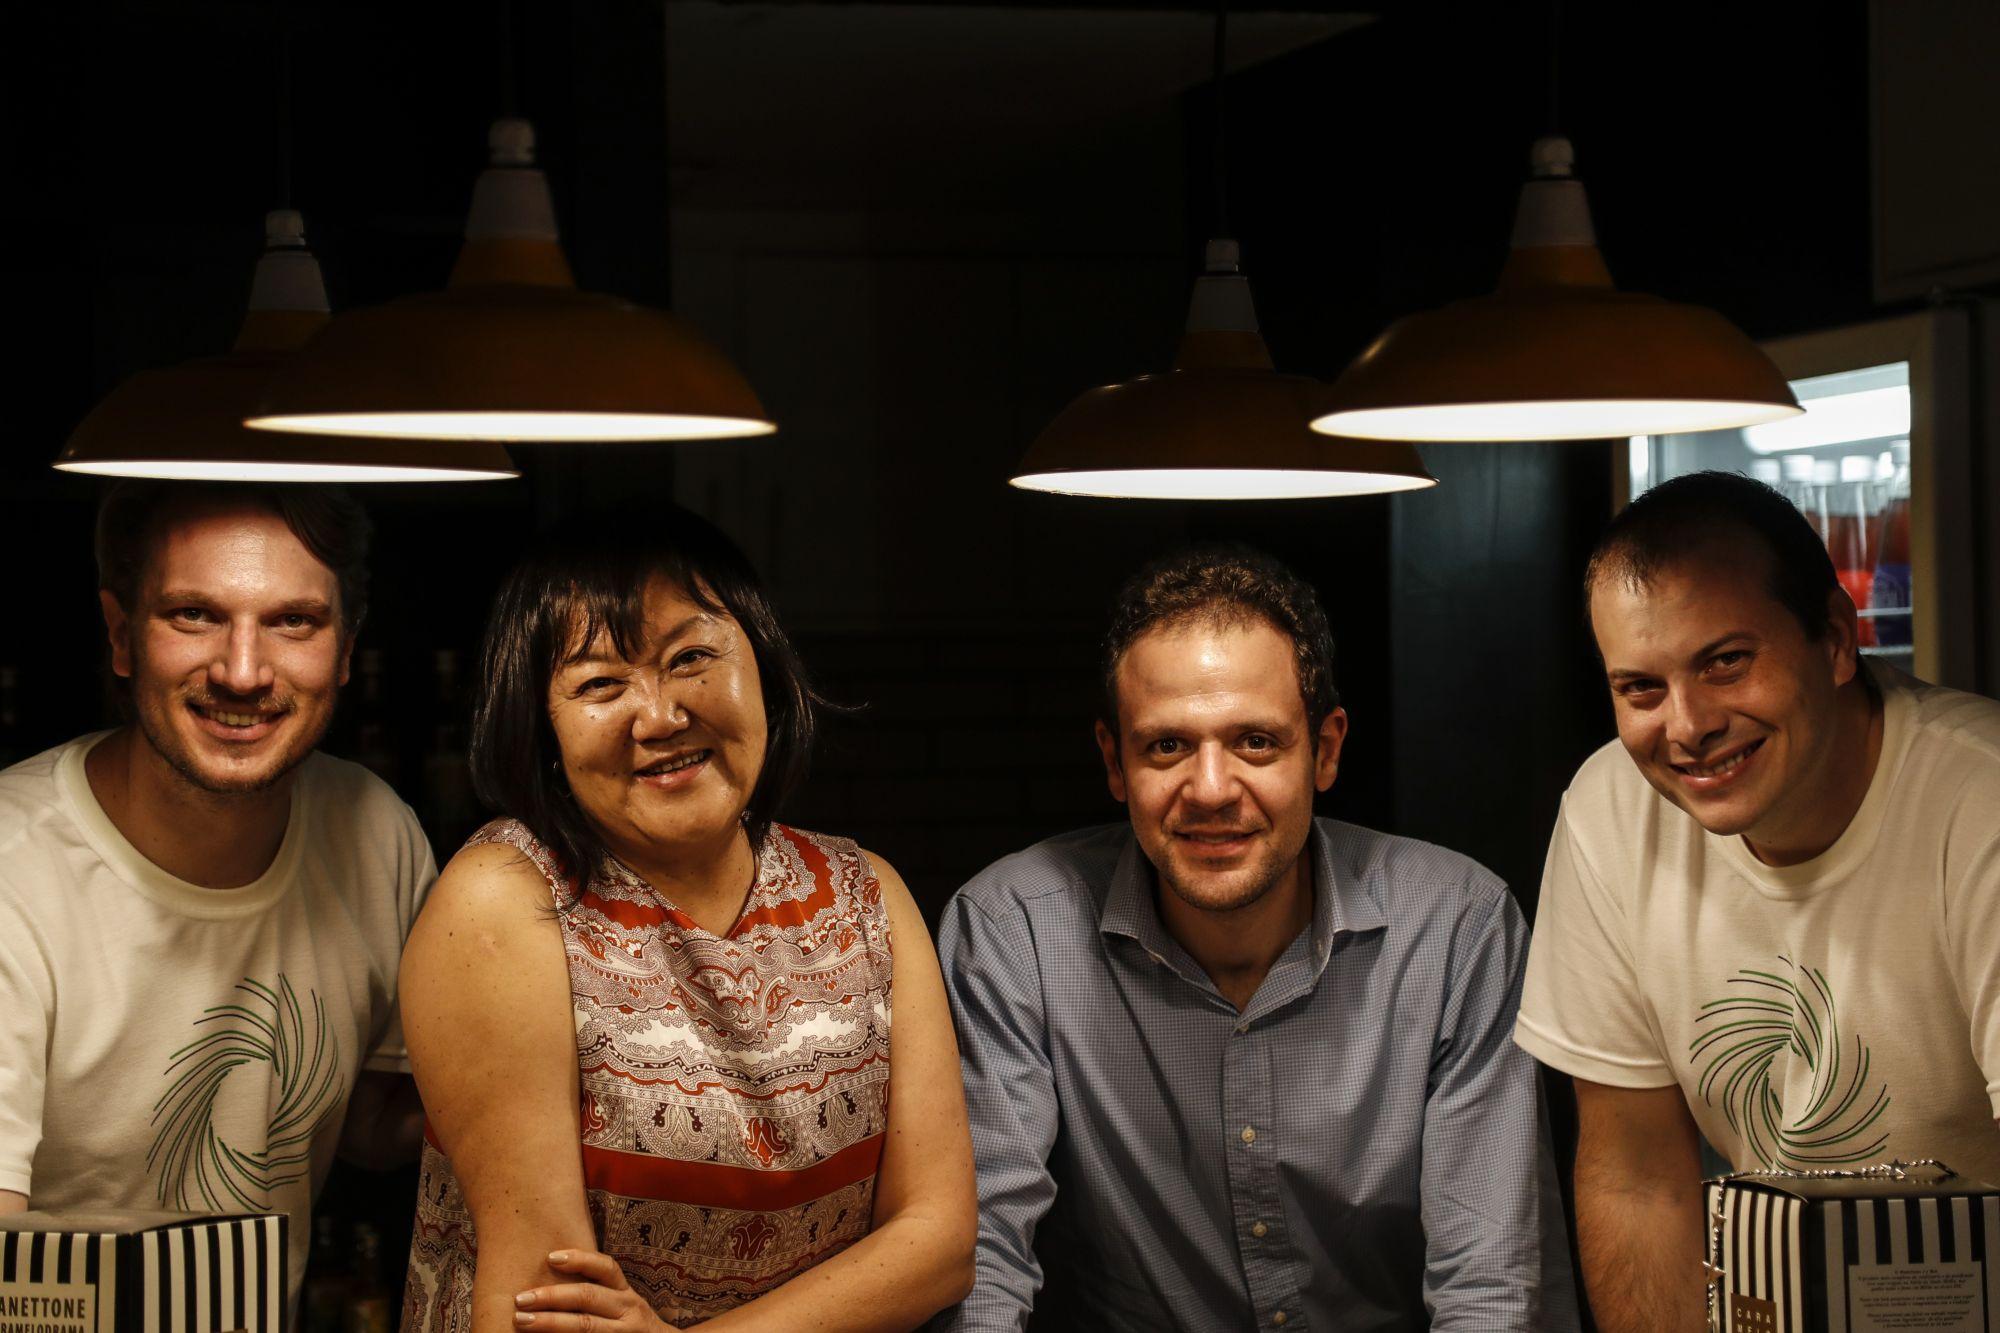 Os sócios, a partir da esquerda: Luiz Mileck, Soon Hee Han, Paulo Celles e Renato Bedore. Foto: Jonathan Campos/Gazeta do Povo